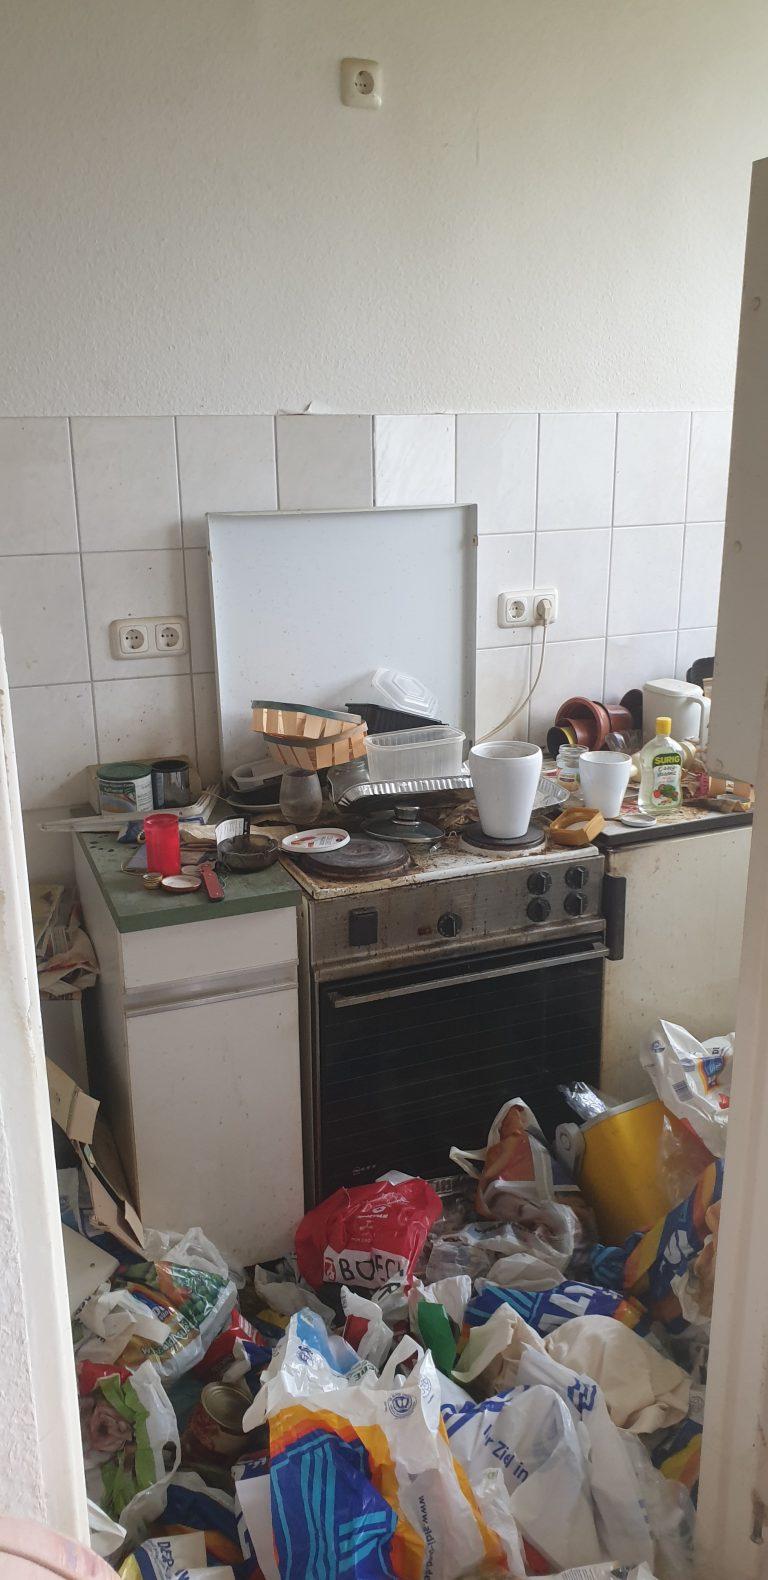 Tatortreinigung Lipka Messie Beispiel Wohnung 1